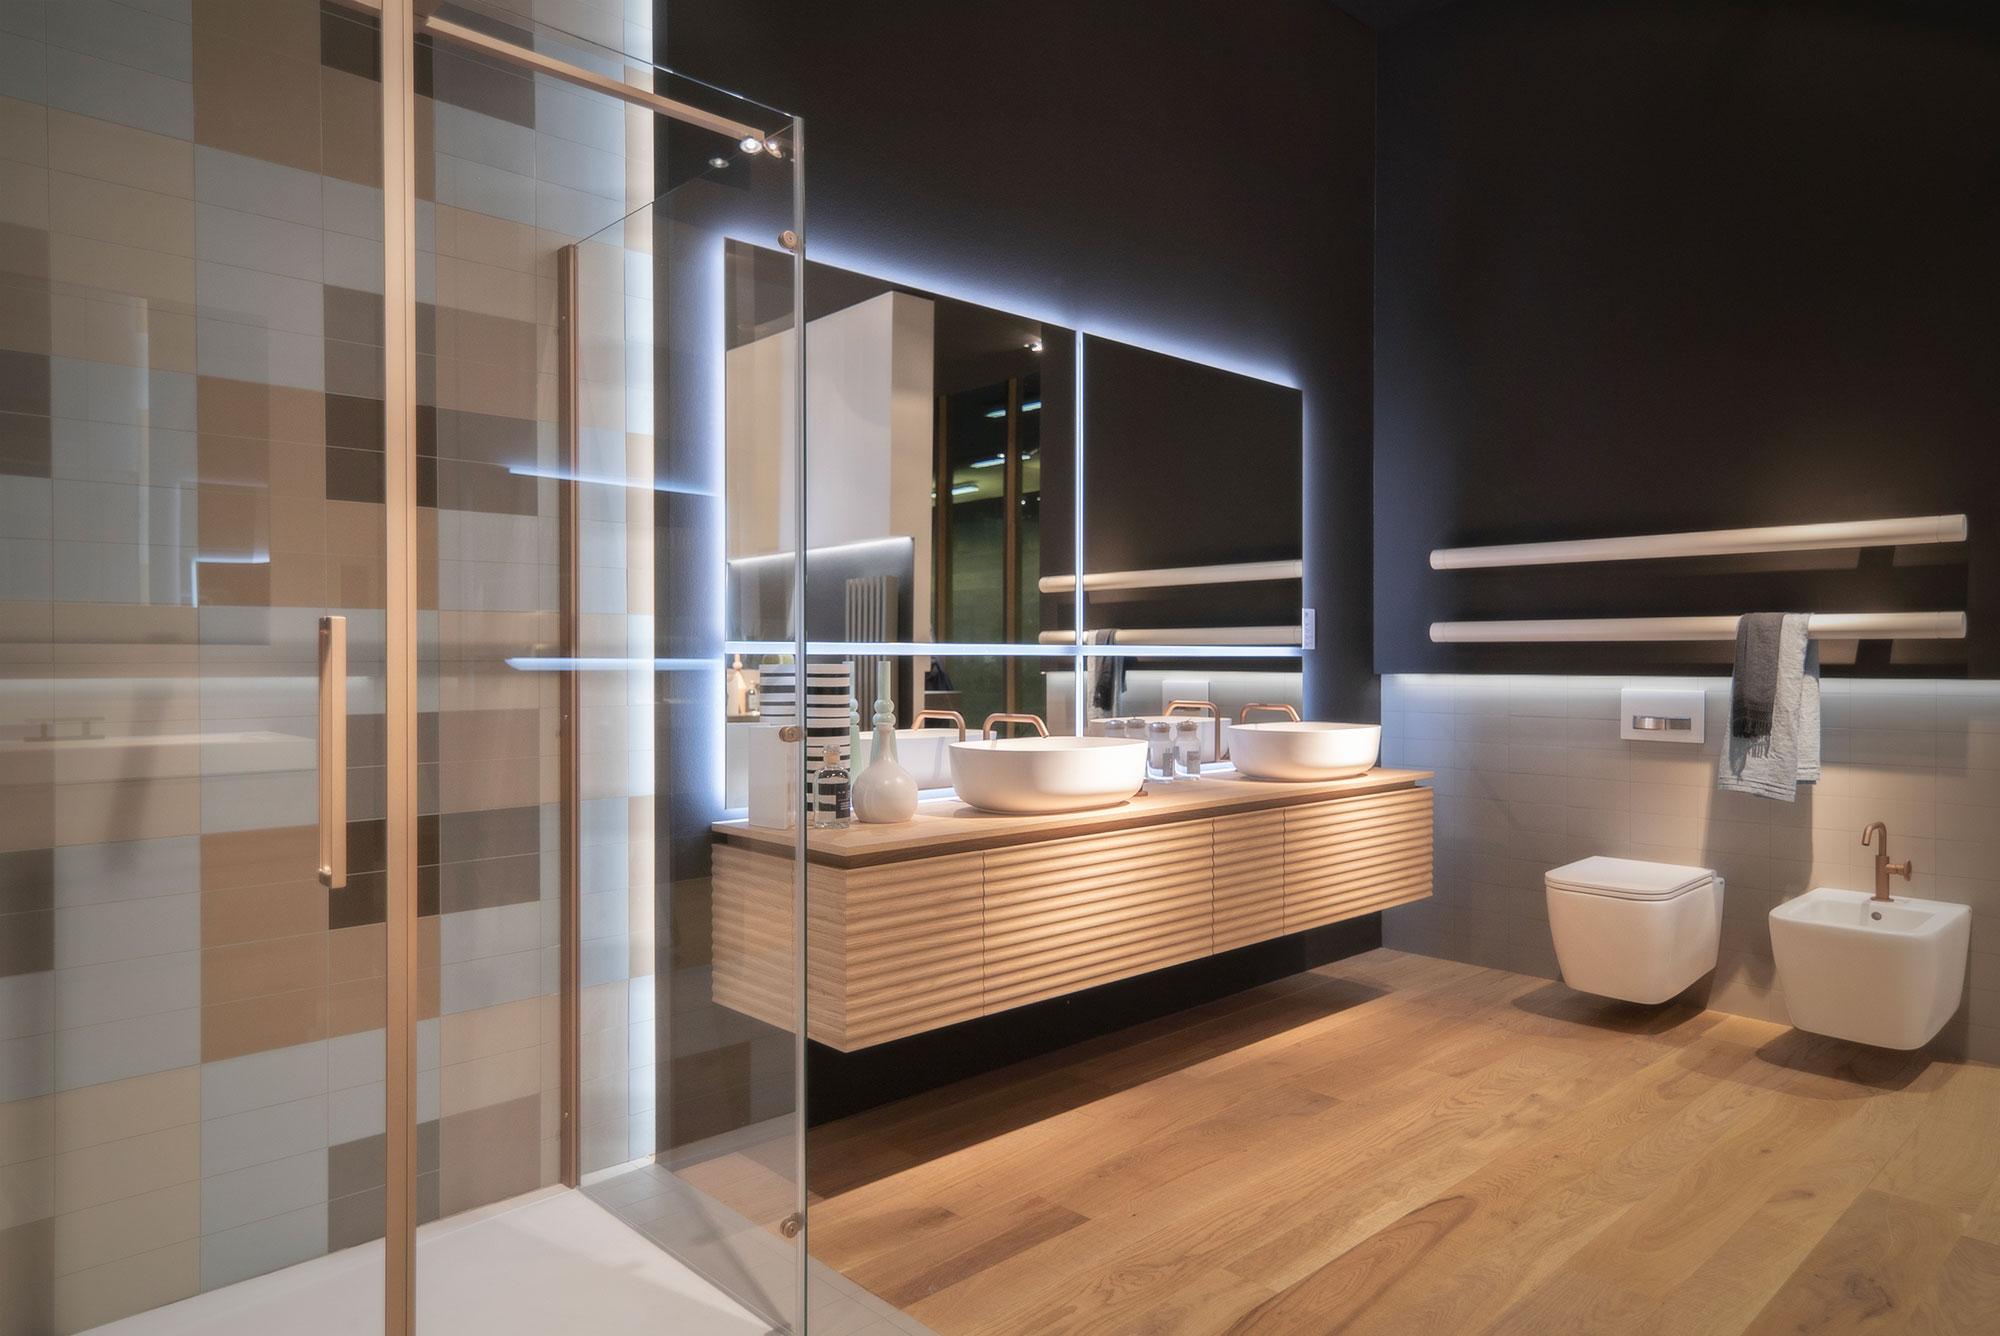 Ideagroup blog vivere il bagno consigli su arredo bagno for Stanza da bagno